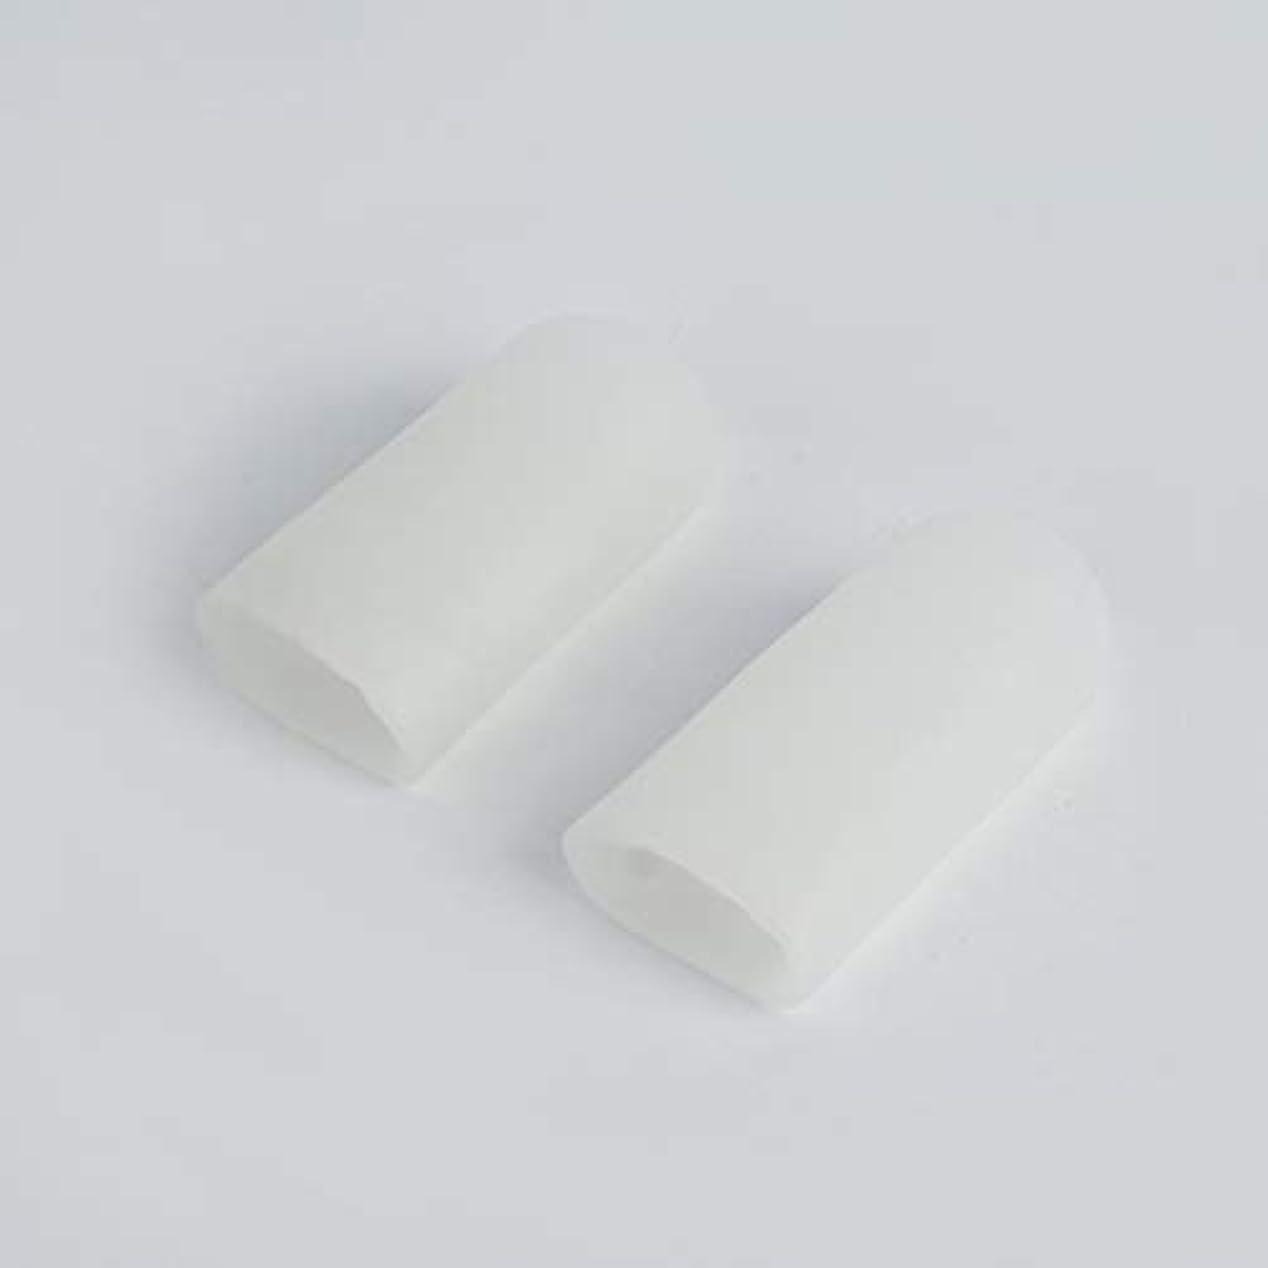 ファーム母性列車Open Toe Tubes Gel Lined Fabric Sleeve Protectors To Prevent Corns, Calluses And Blisters While Softening And...